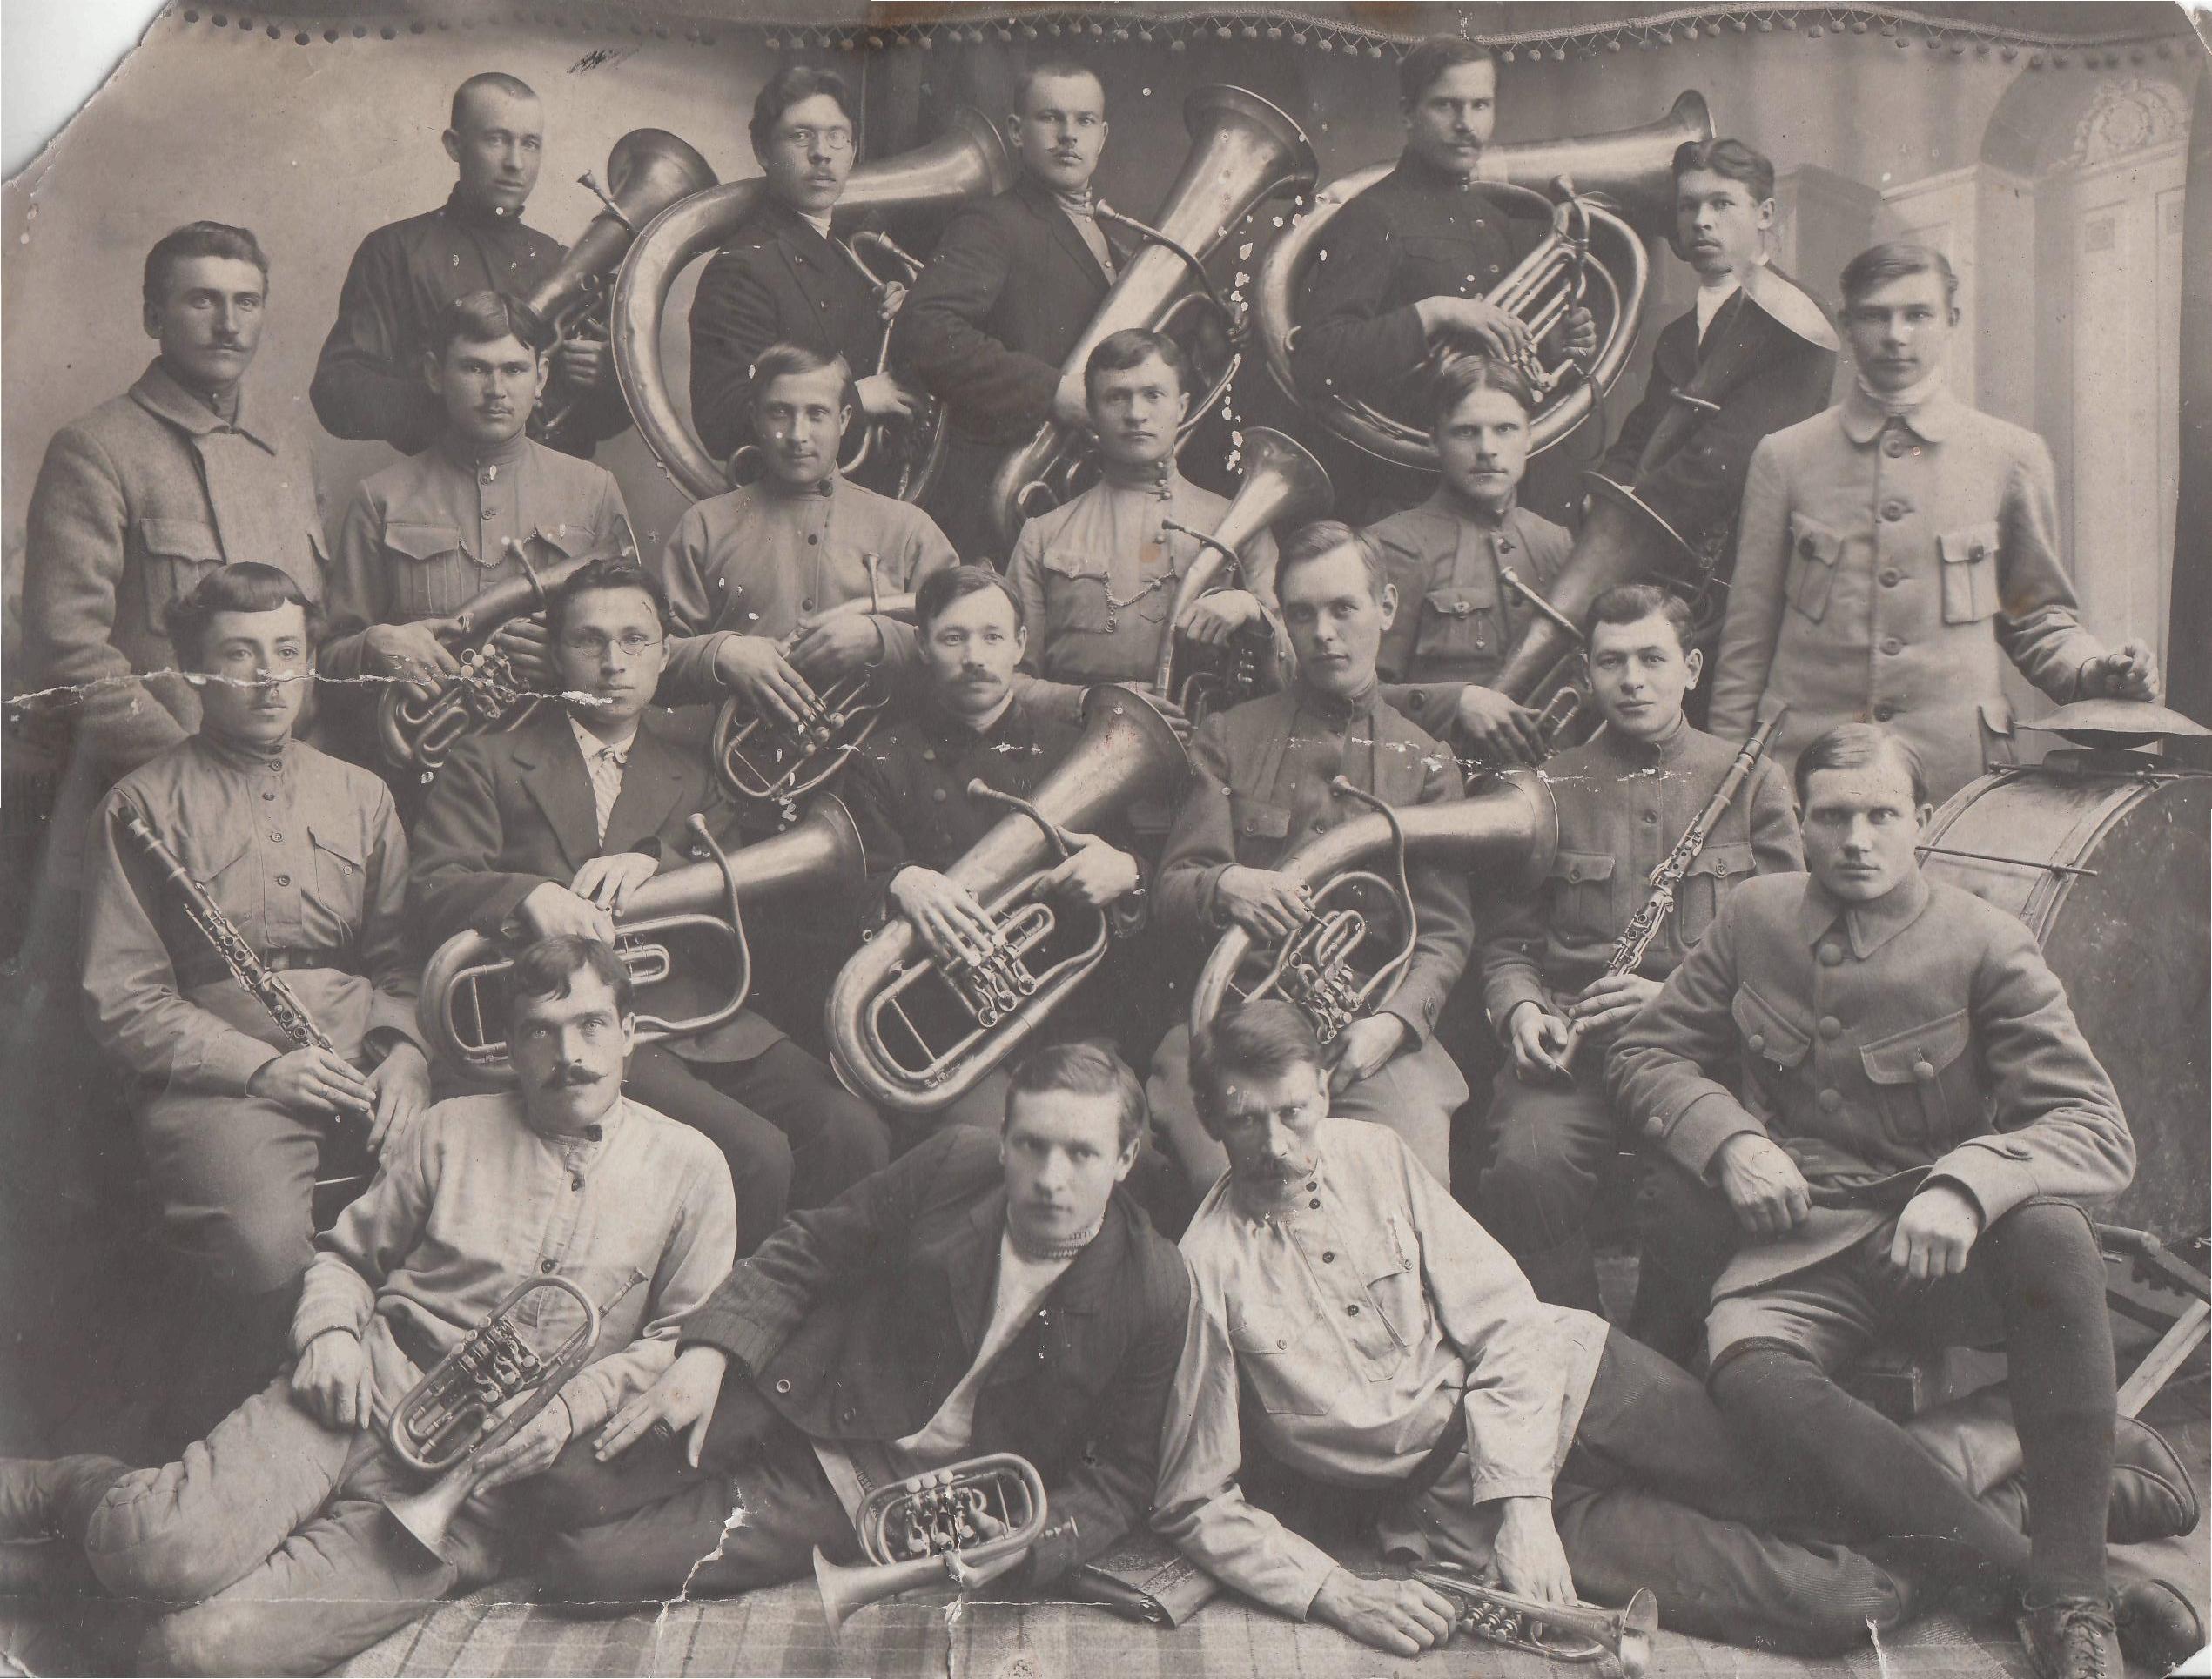 Н. Г. Сормах (крайний справа в первом ряду) с участниками военного оркестра. 1918 г.